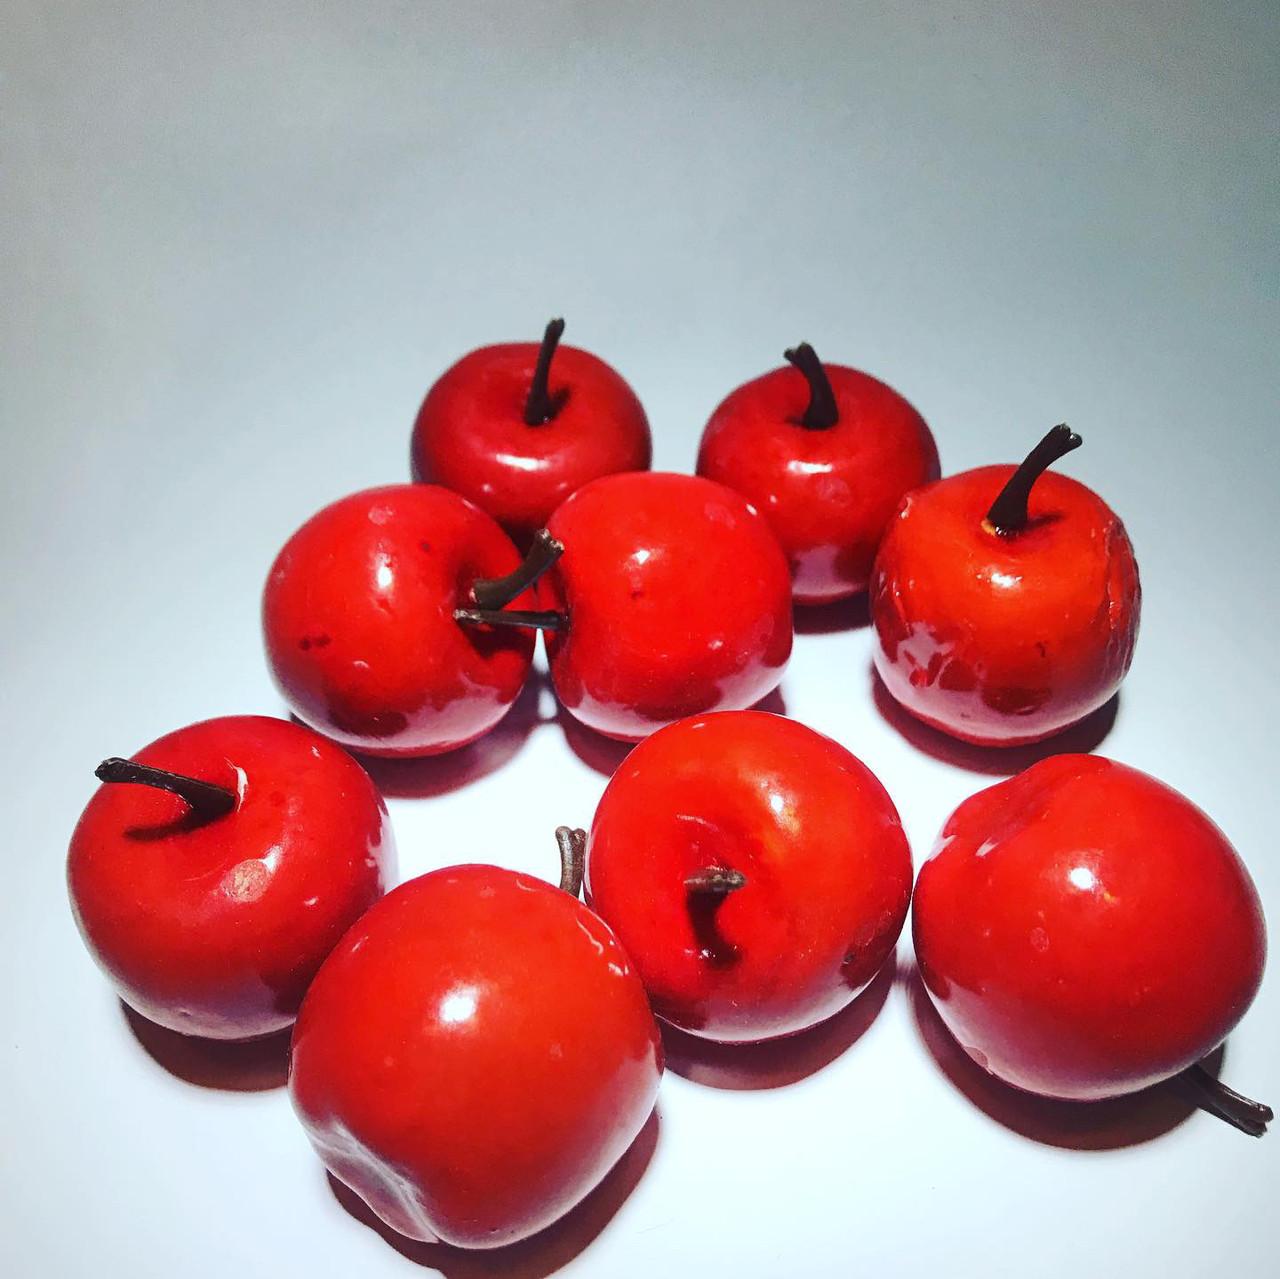 Искусственное яблоко.Муляж красного яблока.